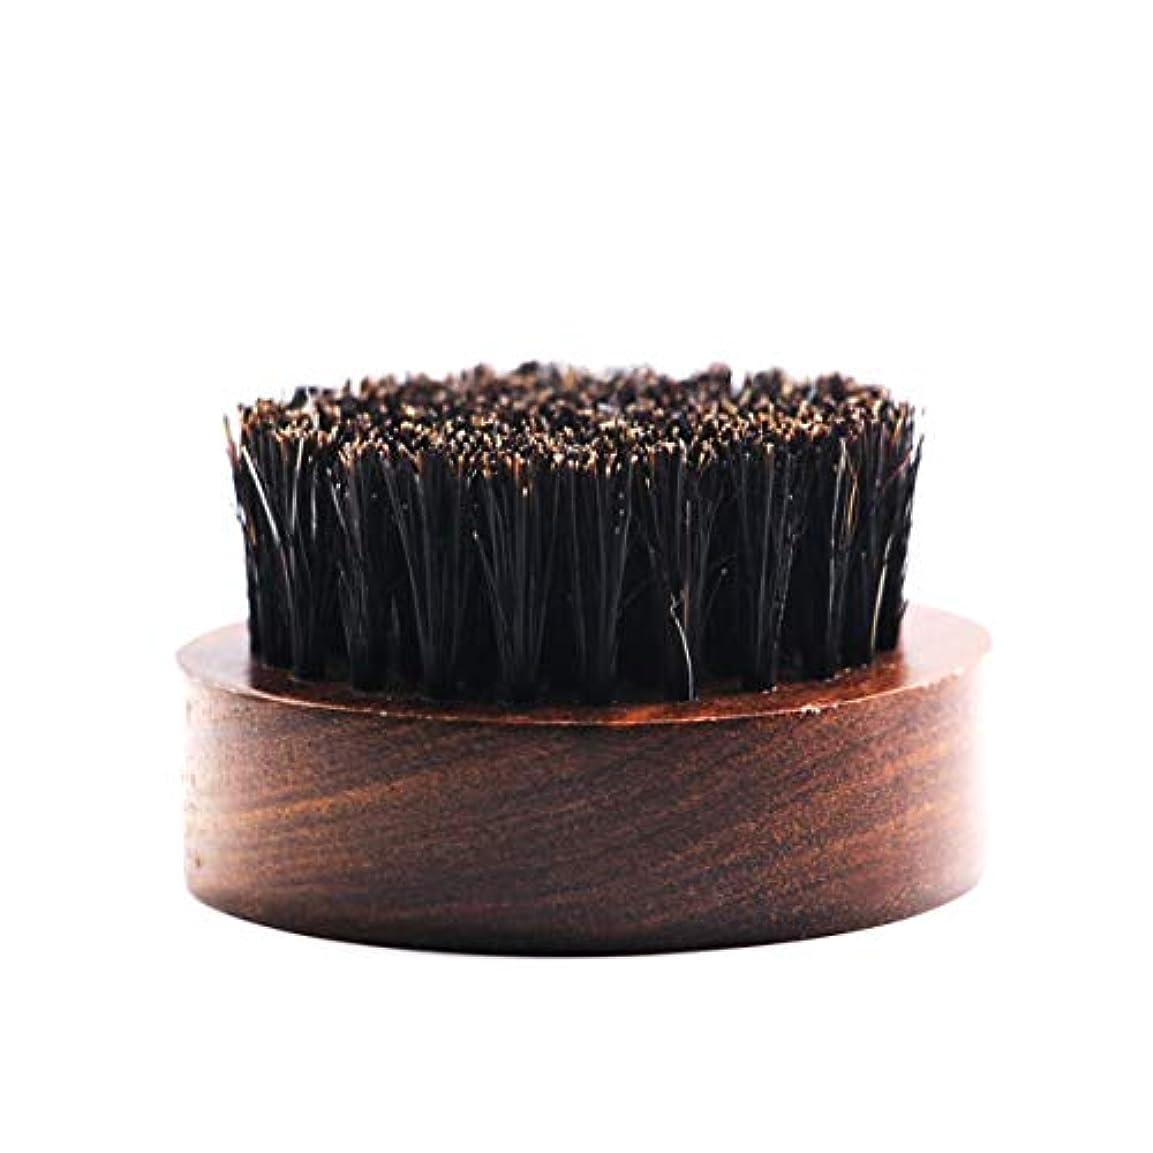 男性用のひげブラシ丸い木製ハンドルひげの油とバームに最適ナチュラルソフトヘアブリストル-ブラウン